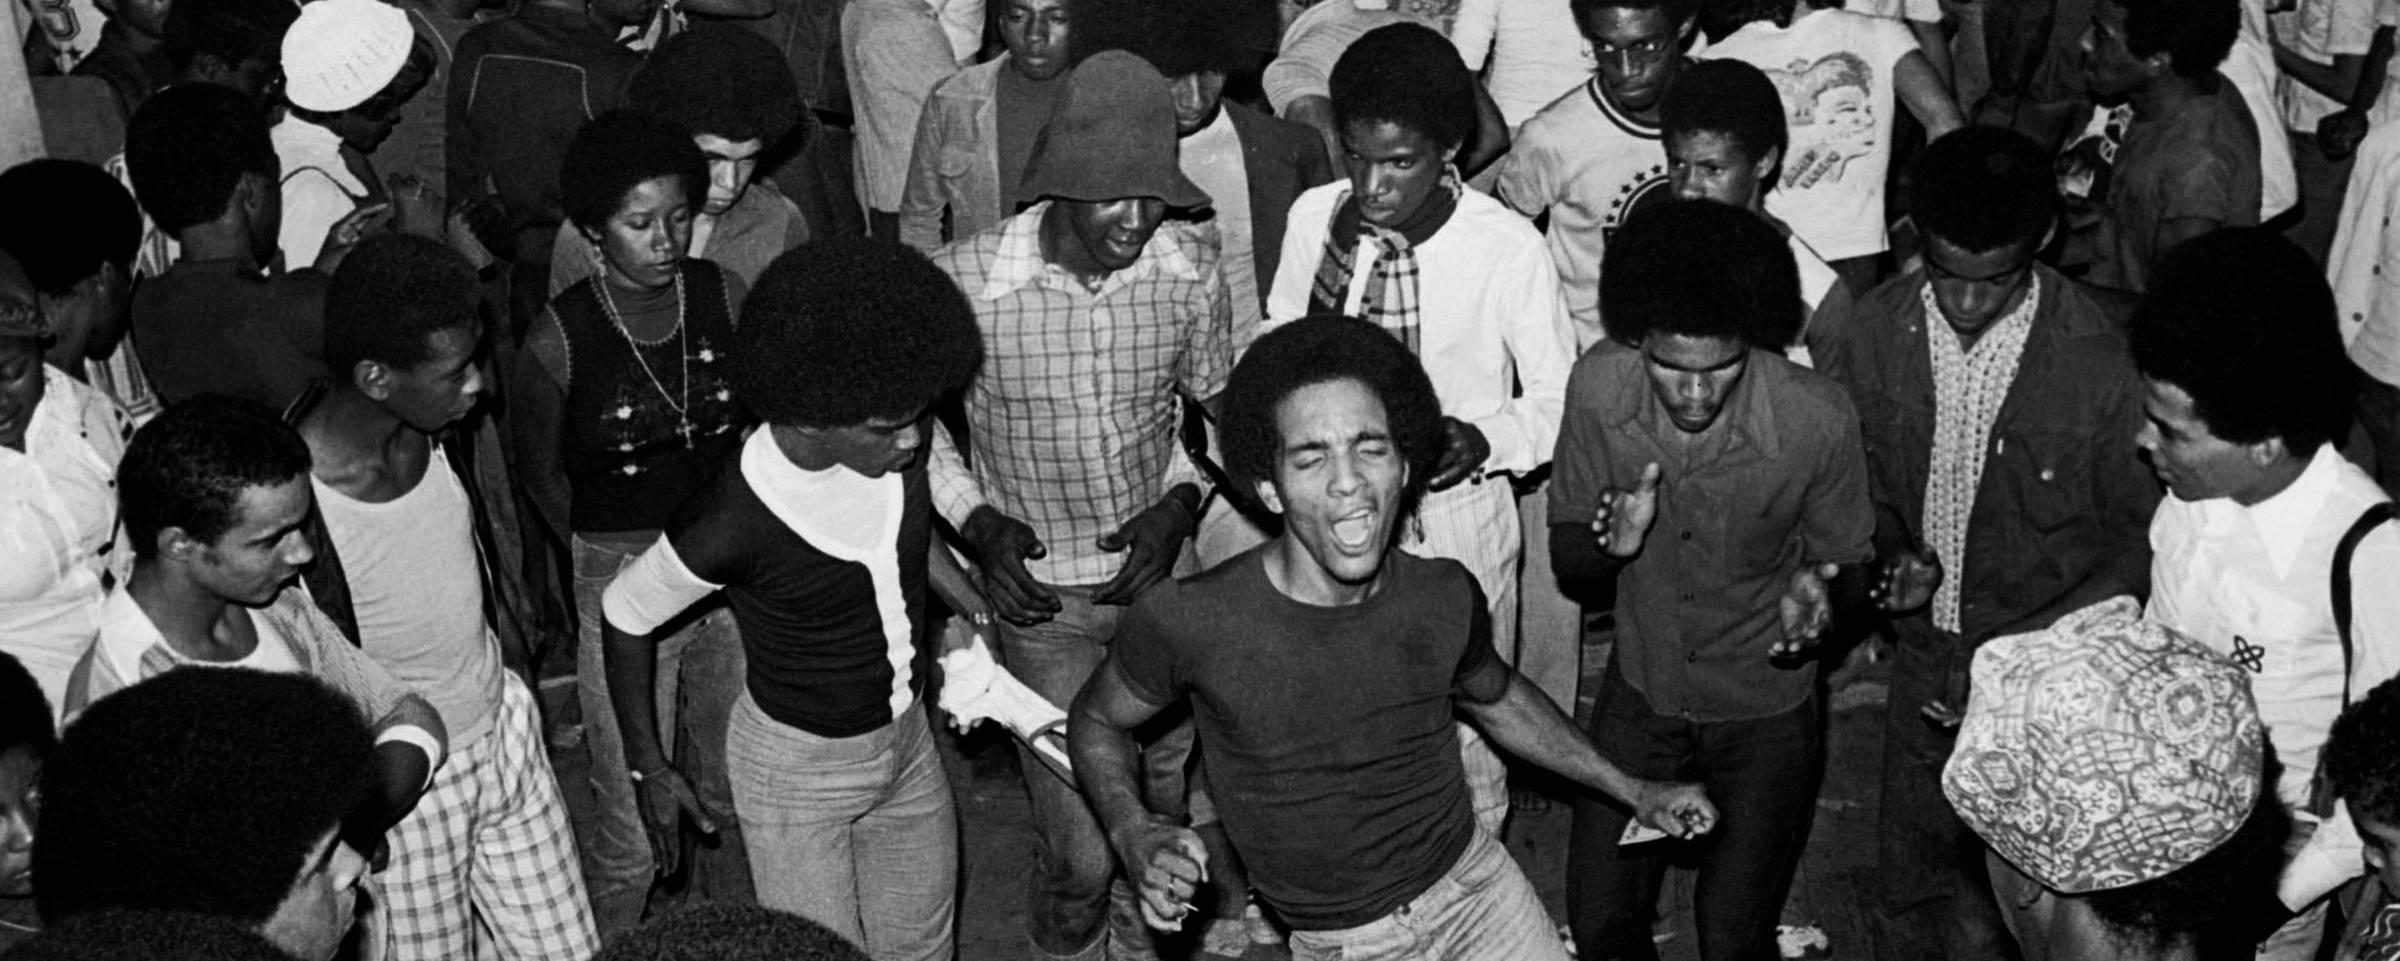 Cena de um baile black no Rio de Janeiro em 1976. A imagem está na capa do livro '1976 - Movimento Black Rio' Almir Veiga